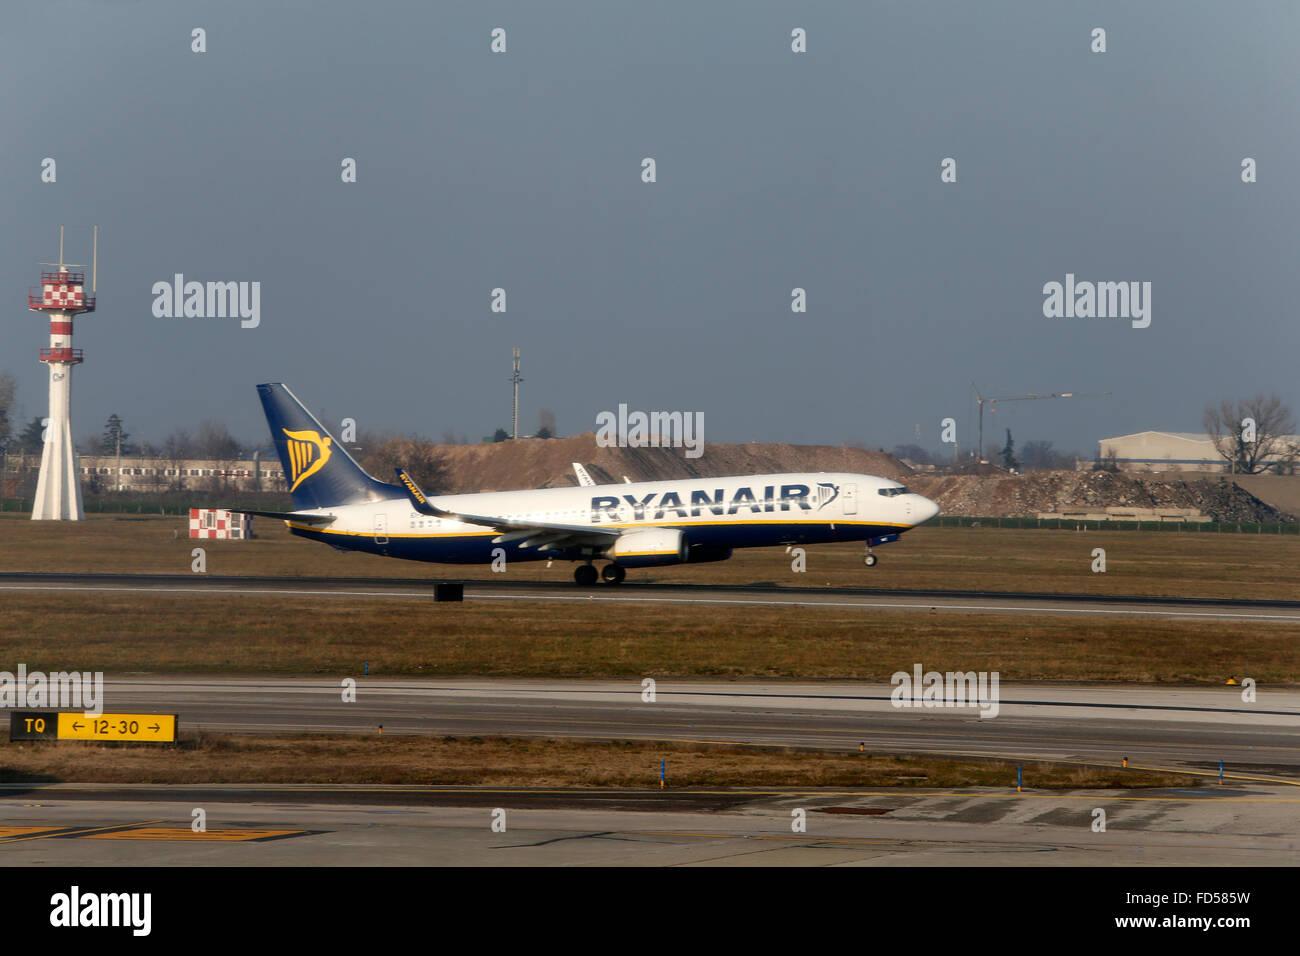 Ryanair plane taking off. - Stock Image